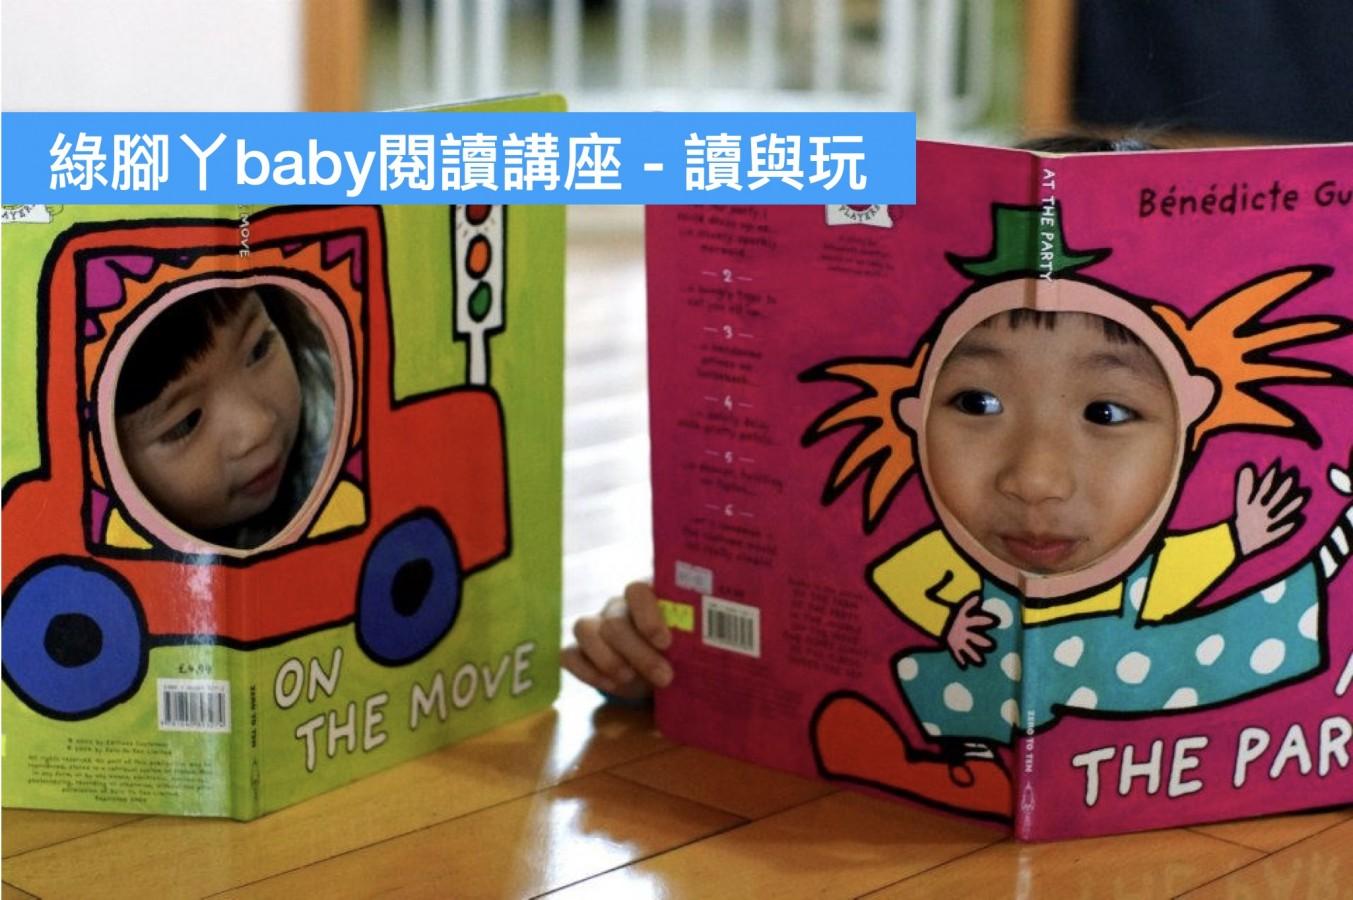 綠腳丫baby閱讀講座 - 讀與玩